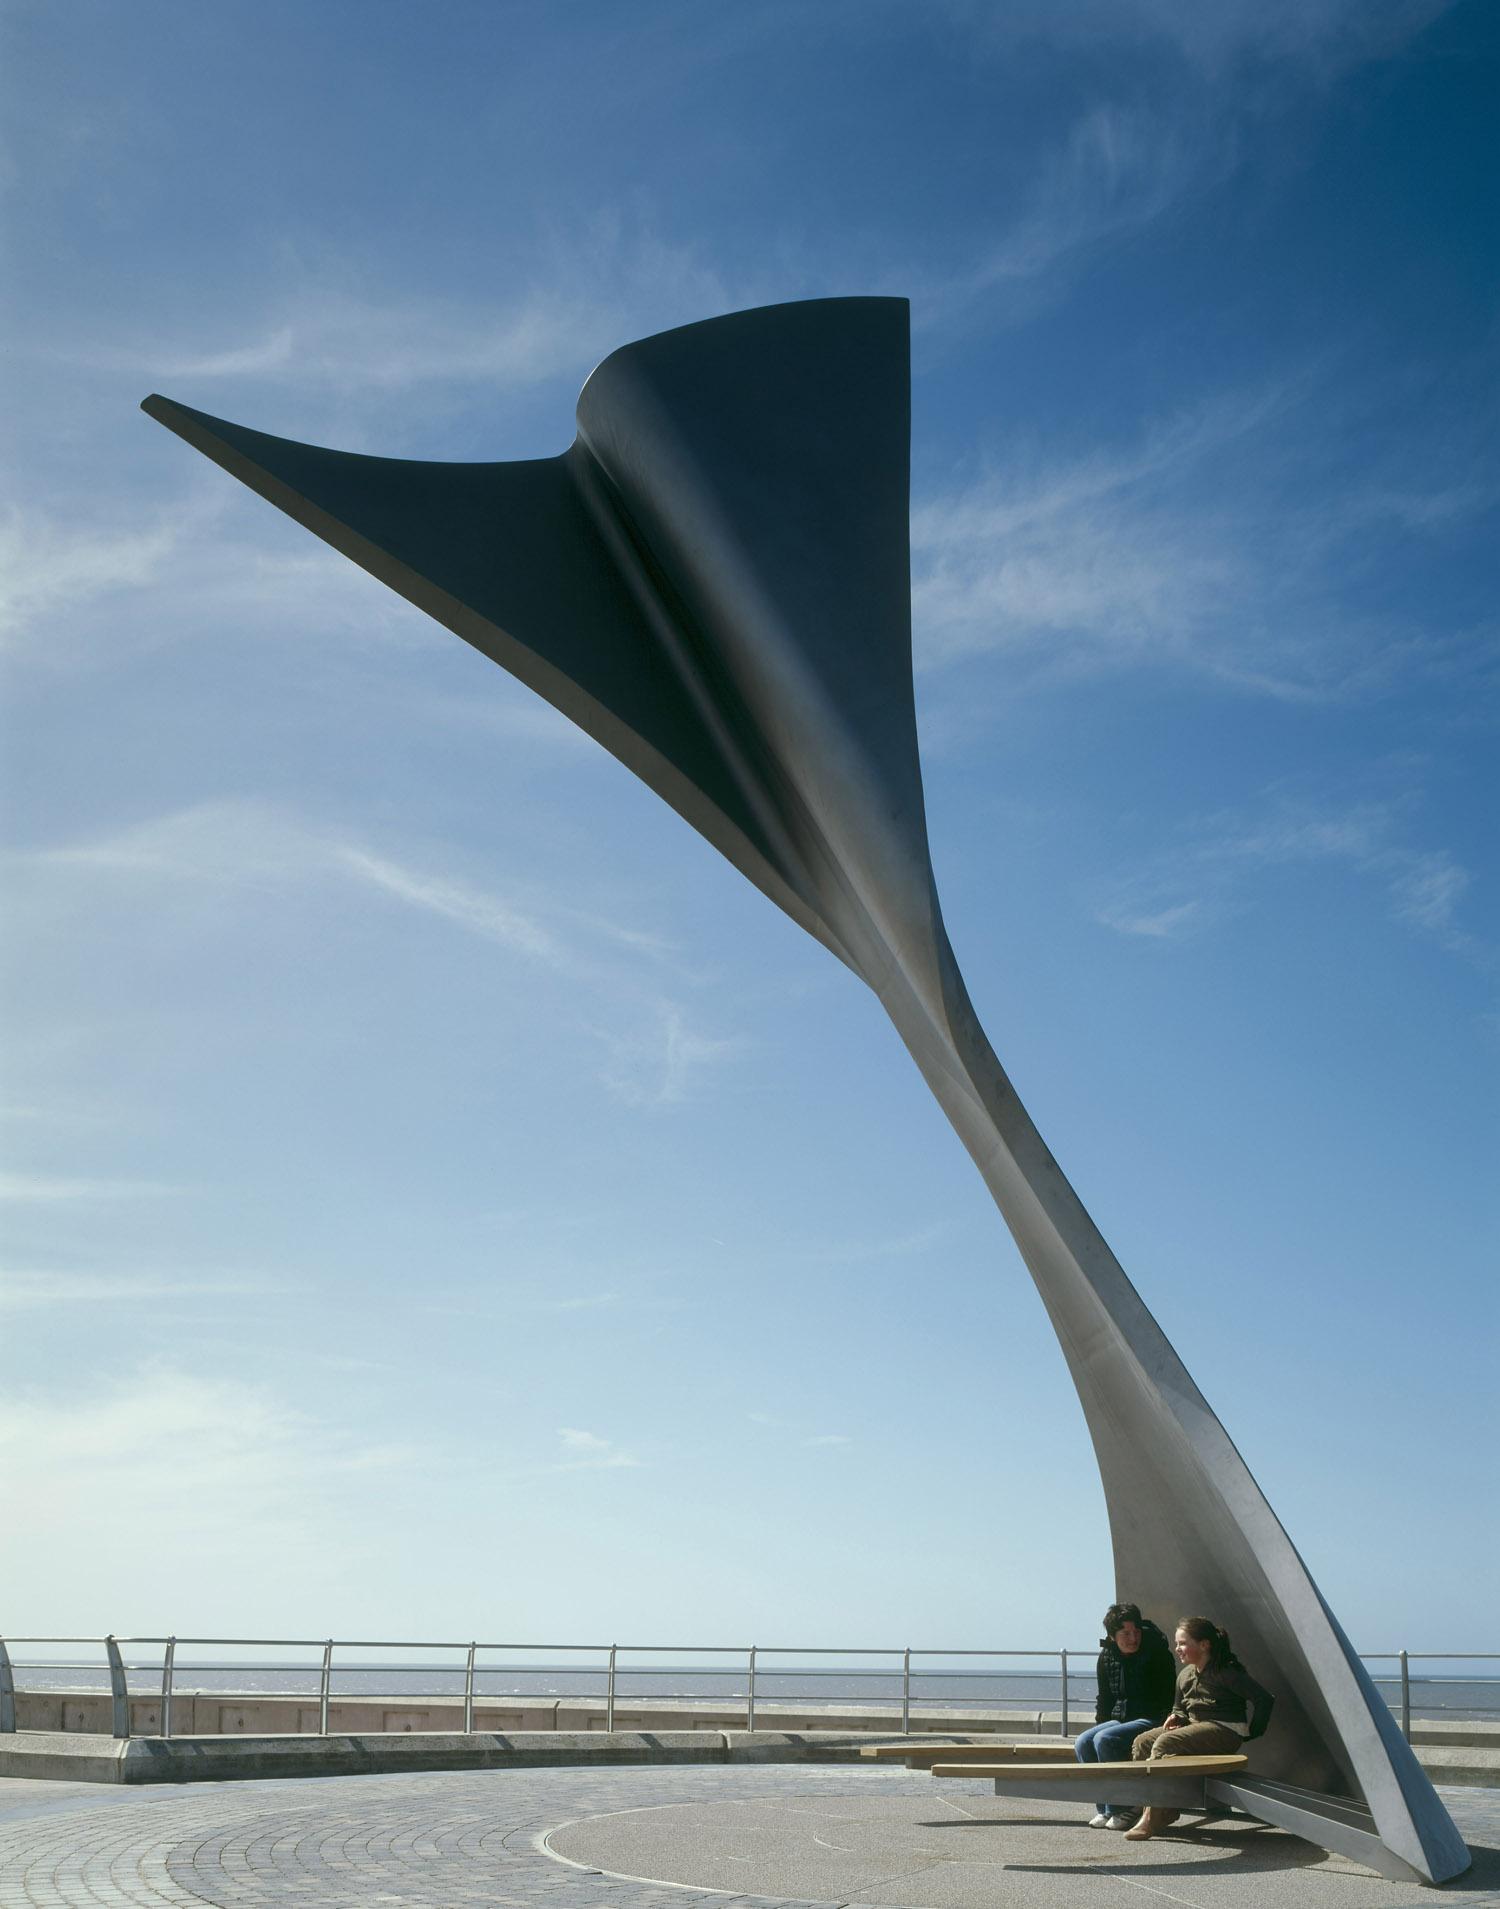 mcchesney architects